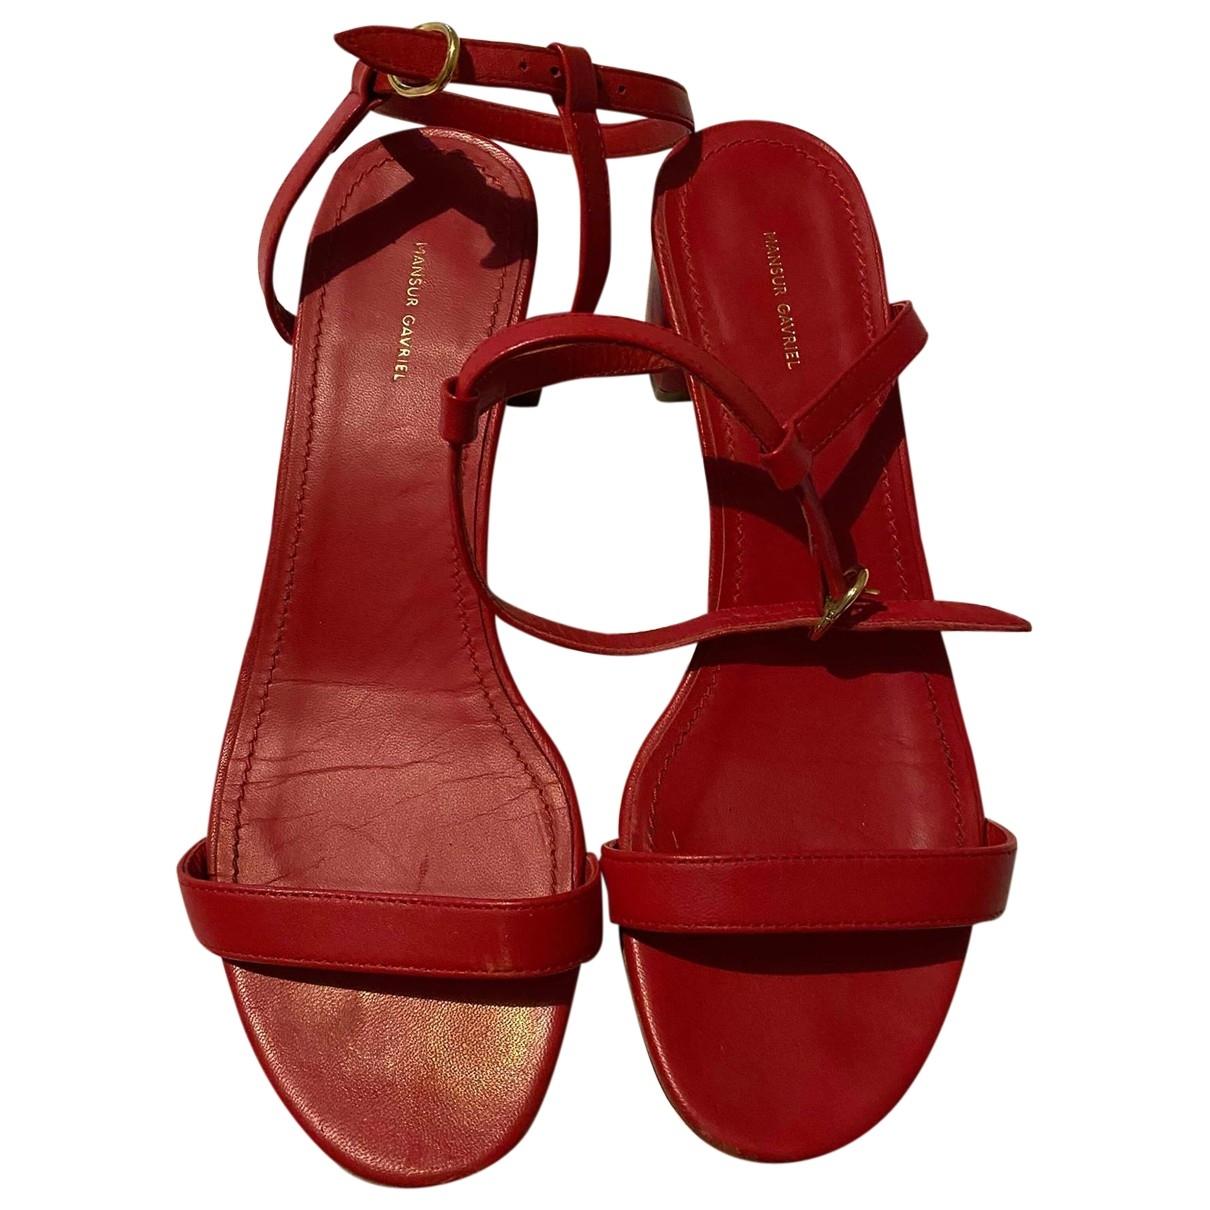 Sandalias de Cuero Mansur Gavriel